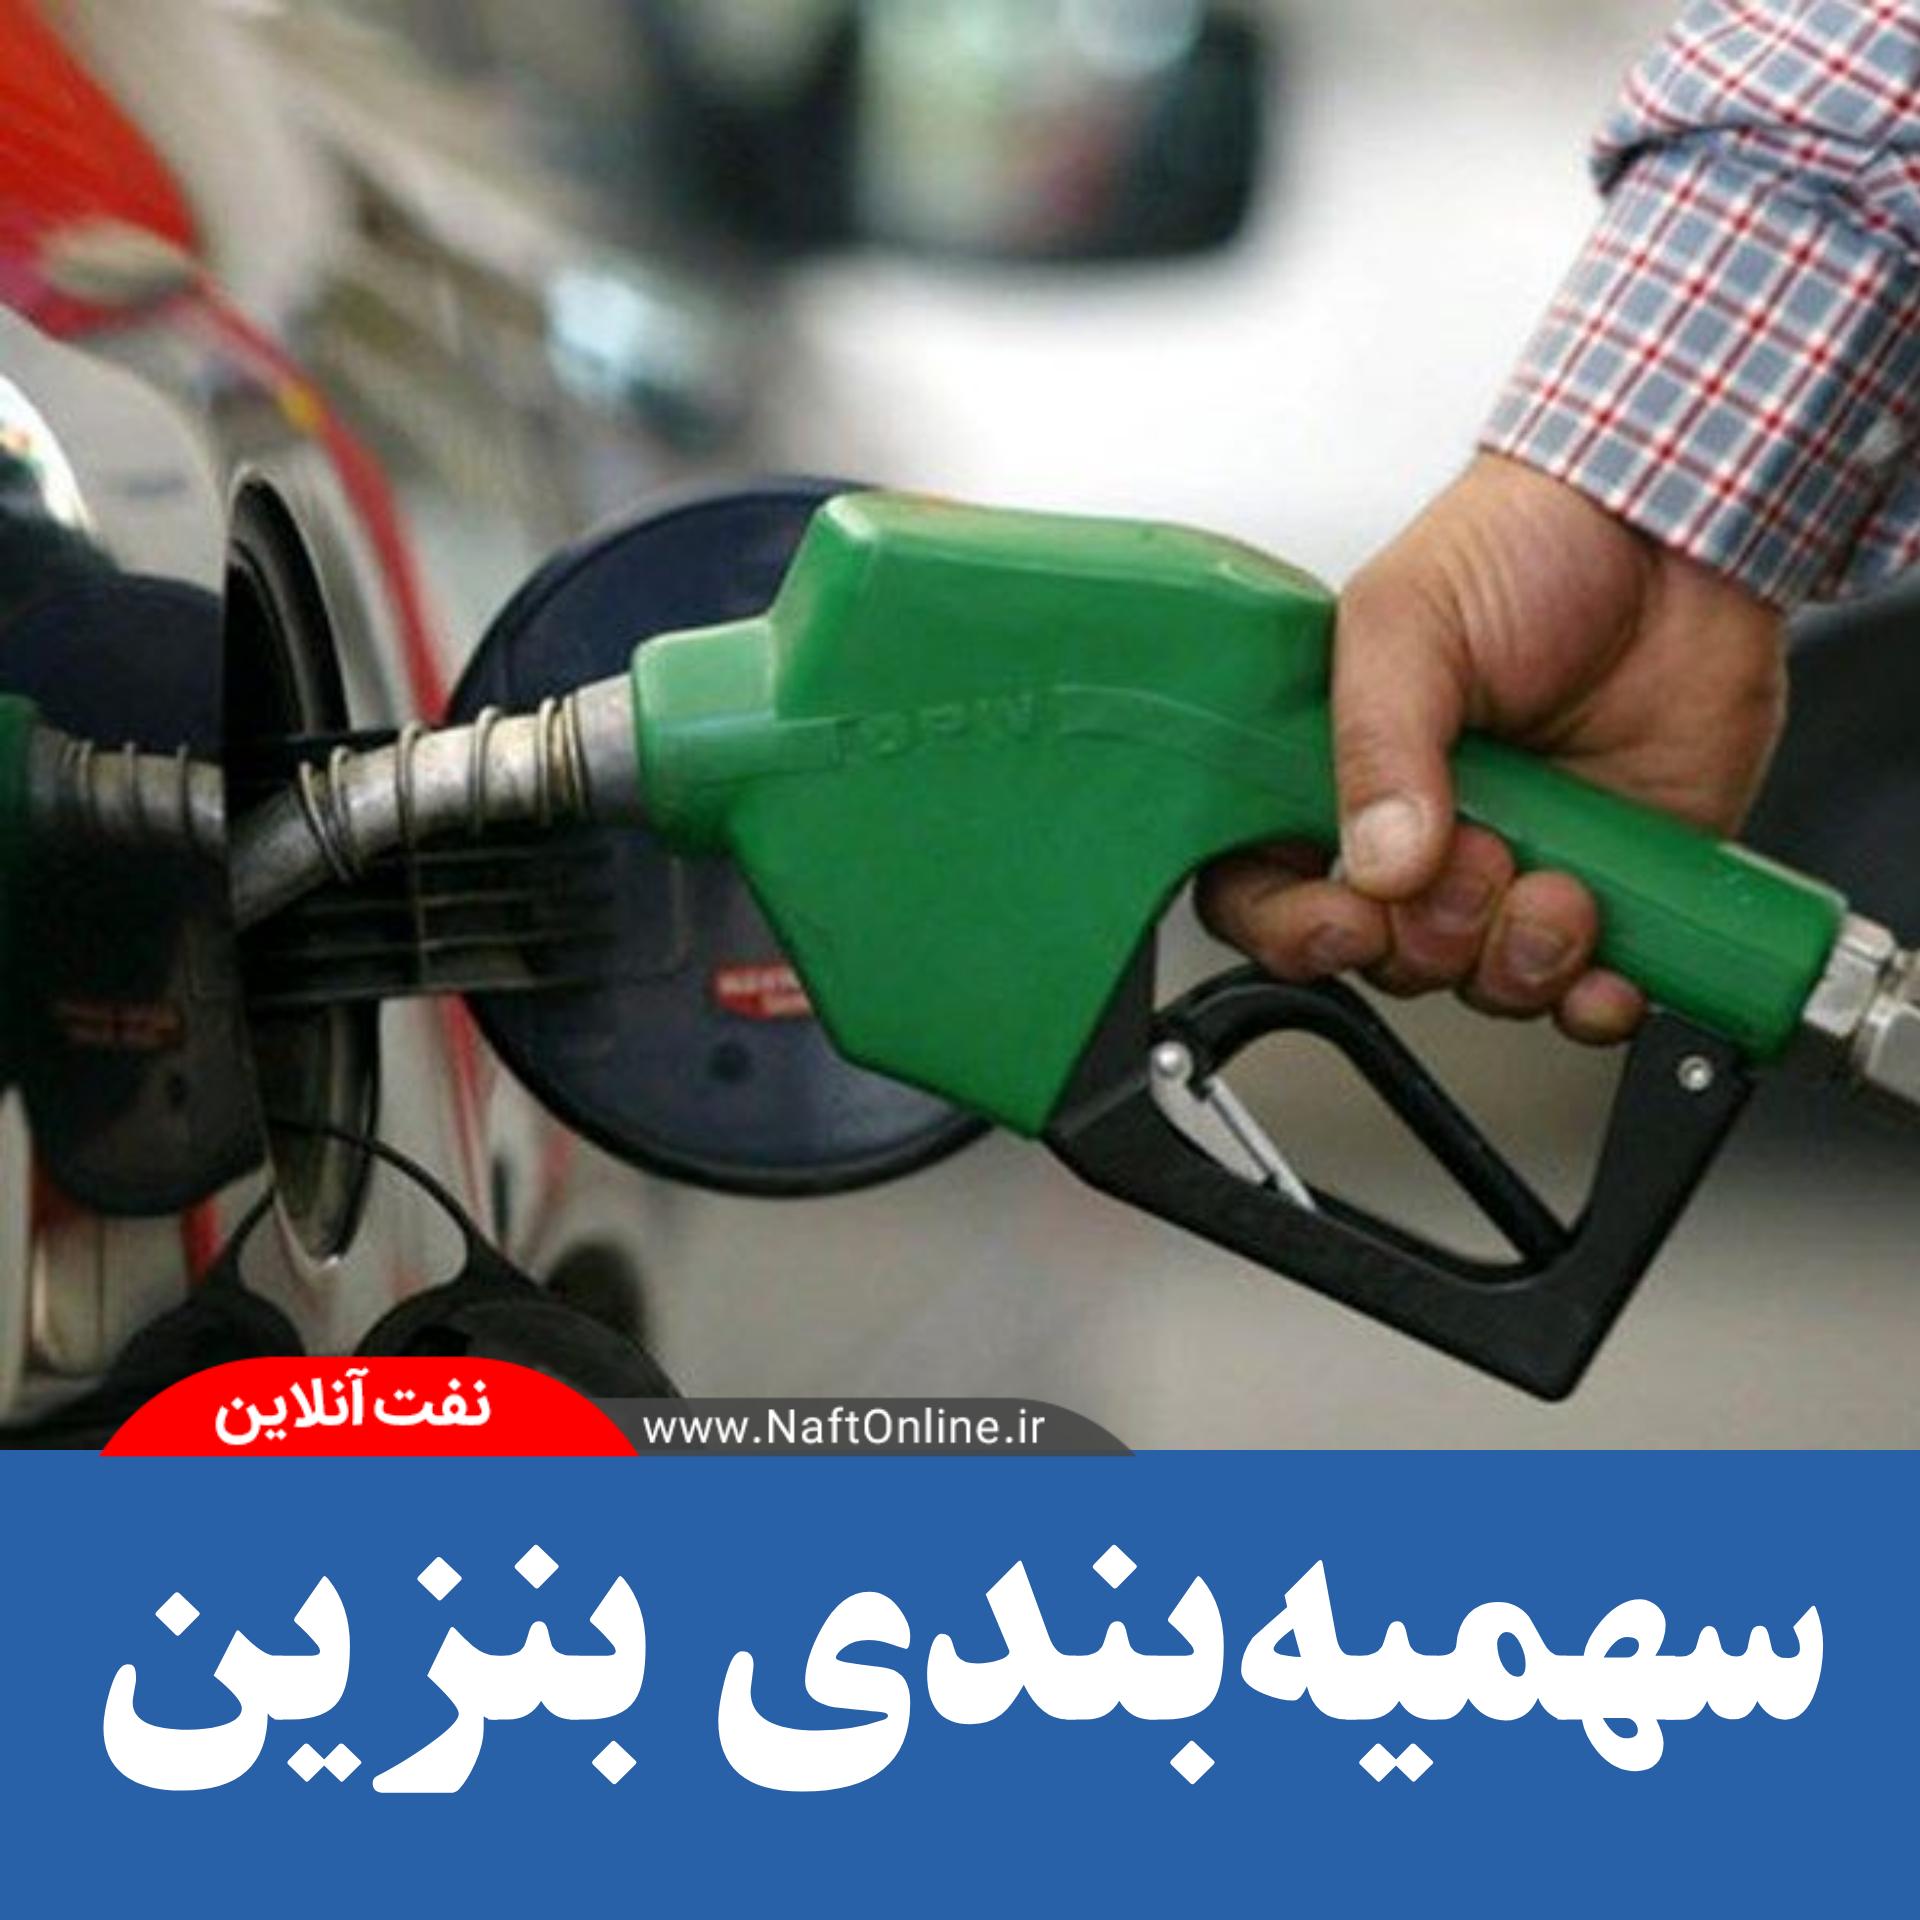 کارت سوخت احیا و تغییر قیمت بنزین منتفی شد/قیمت لیتری ۱۰۰۰ تومان میماند